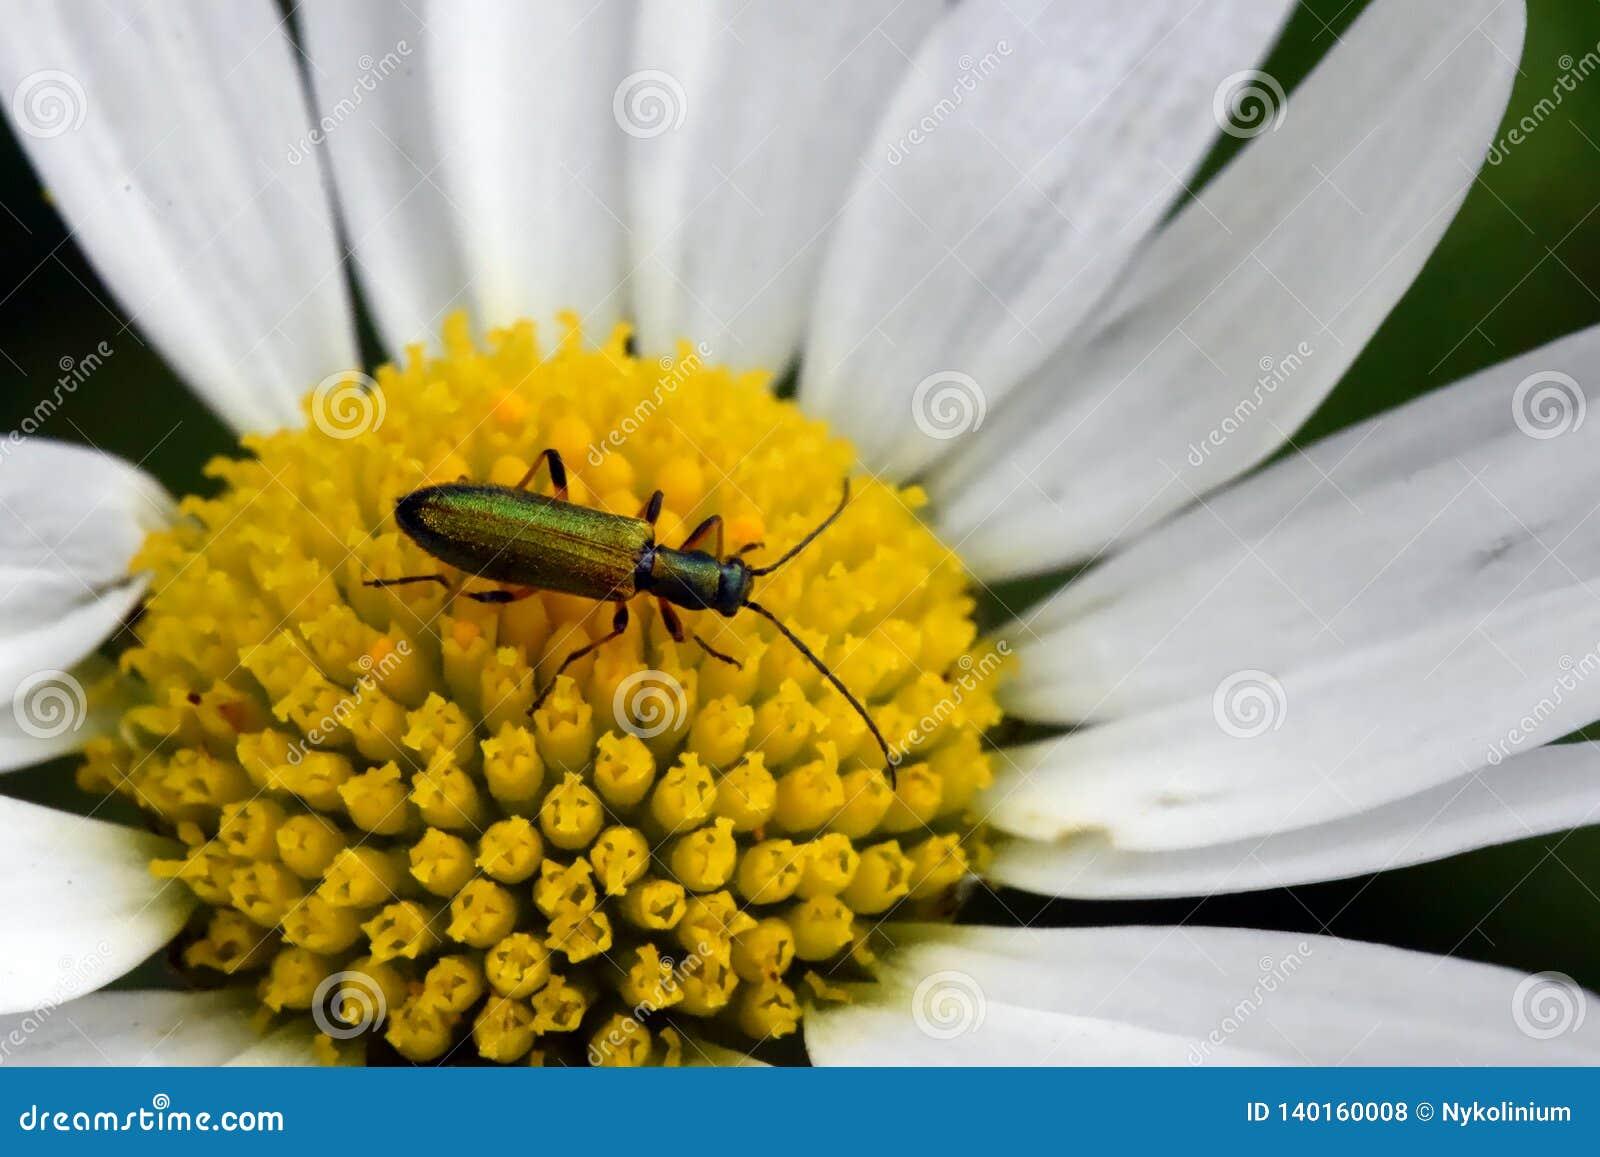 Insecte vert sur une fleur de marguerite